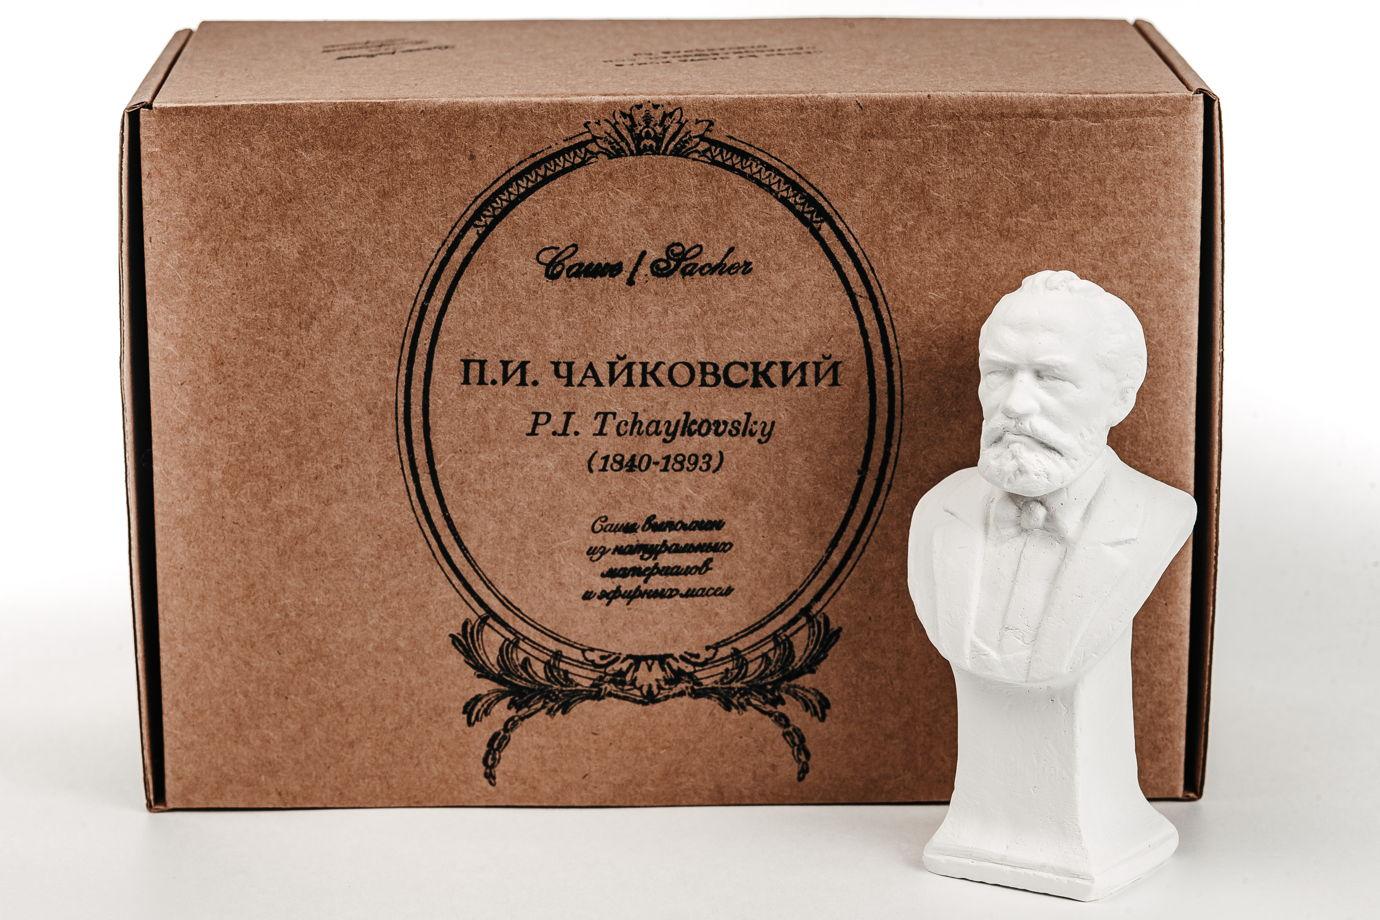 Кабинетная скульптура-саше П.И. Чайковский